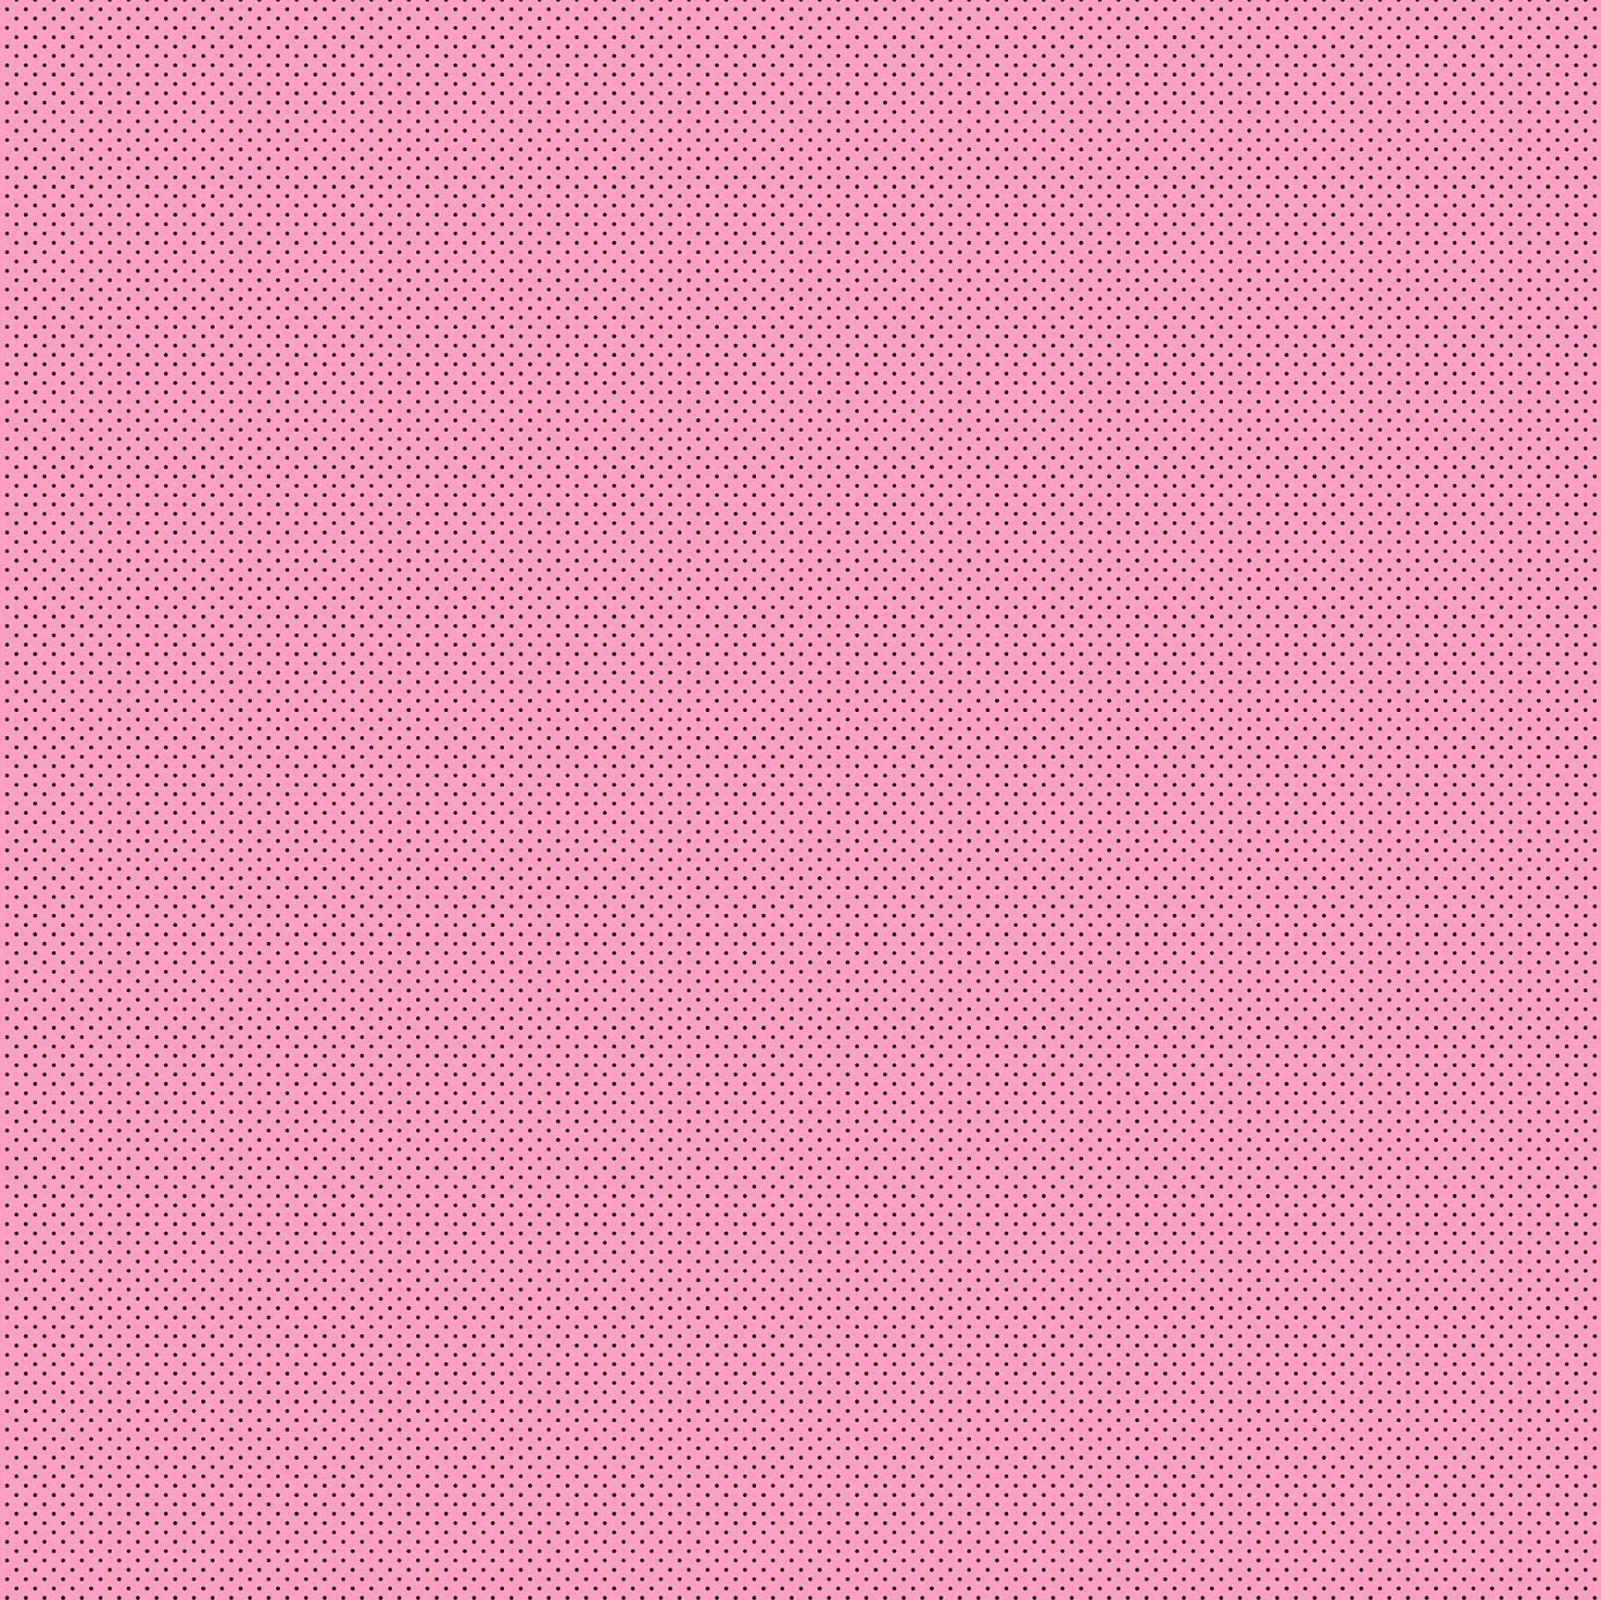 Urban Elementz Pink with Black Pin Dot